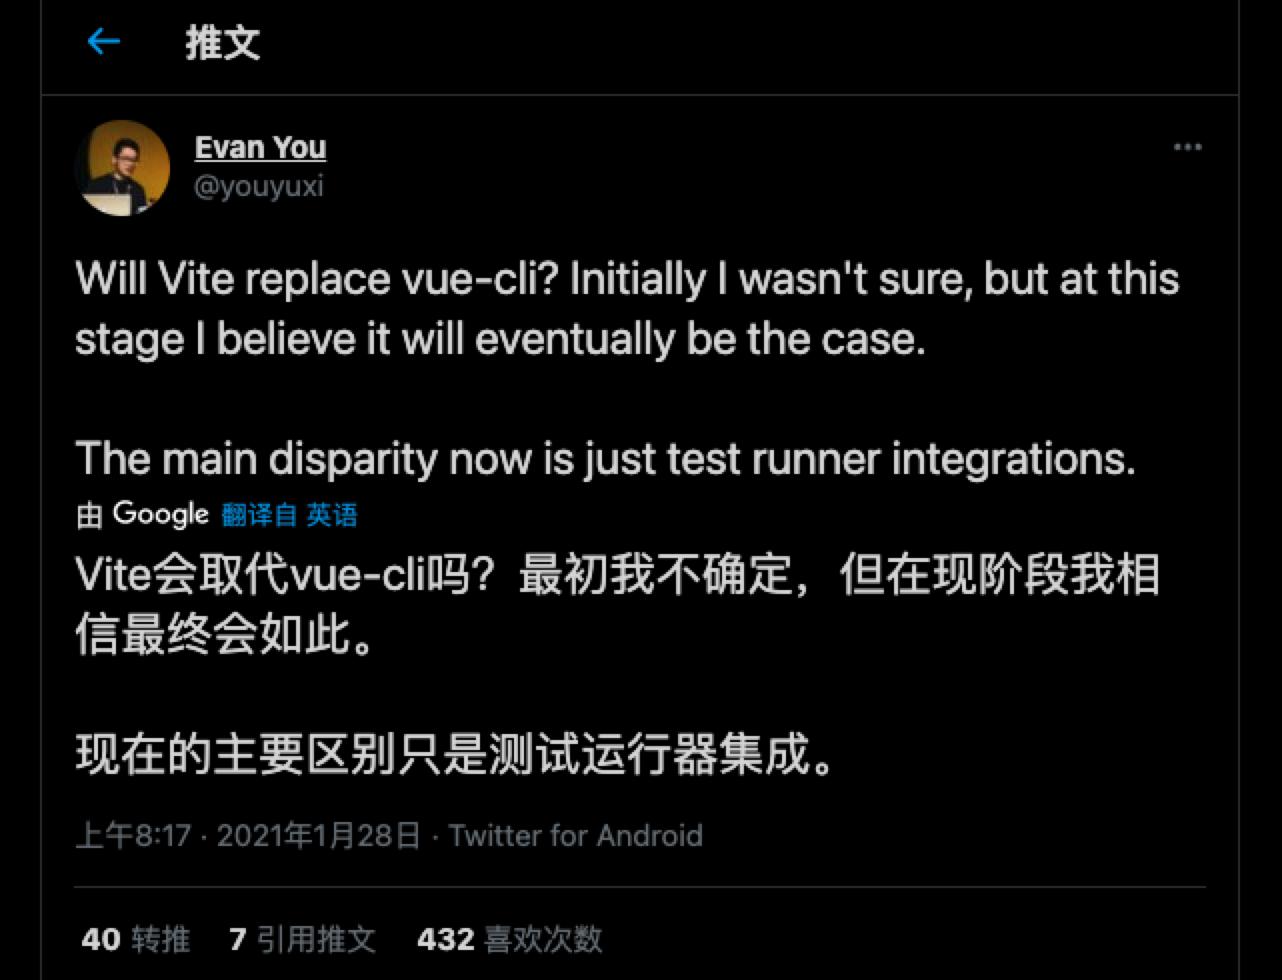 [译]尤雨溪: Vite 会取代 vue-cli 吗?